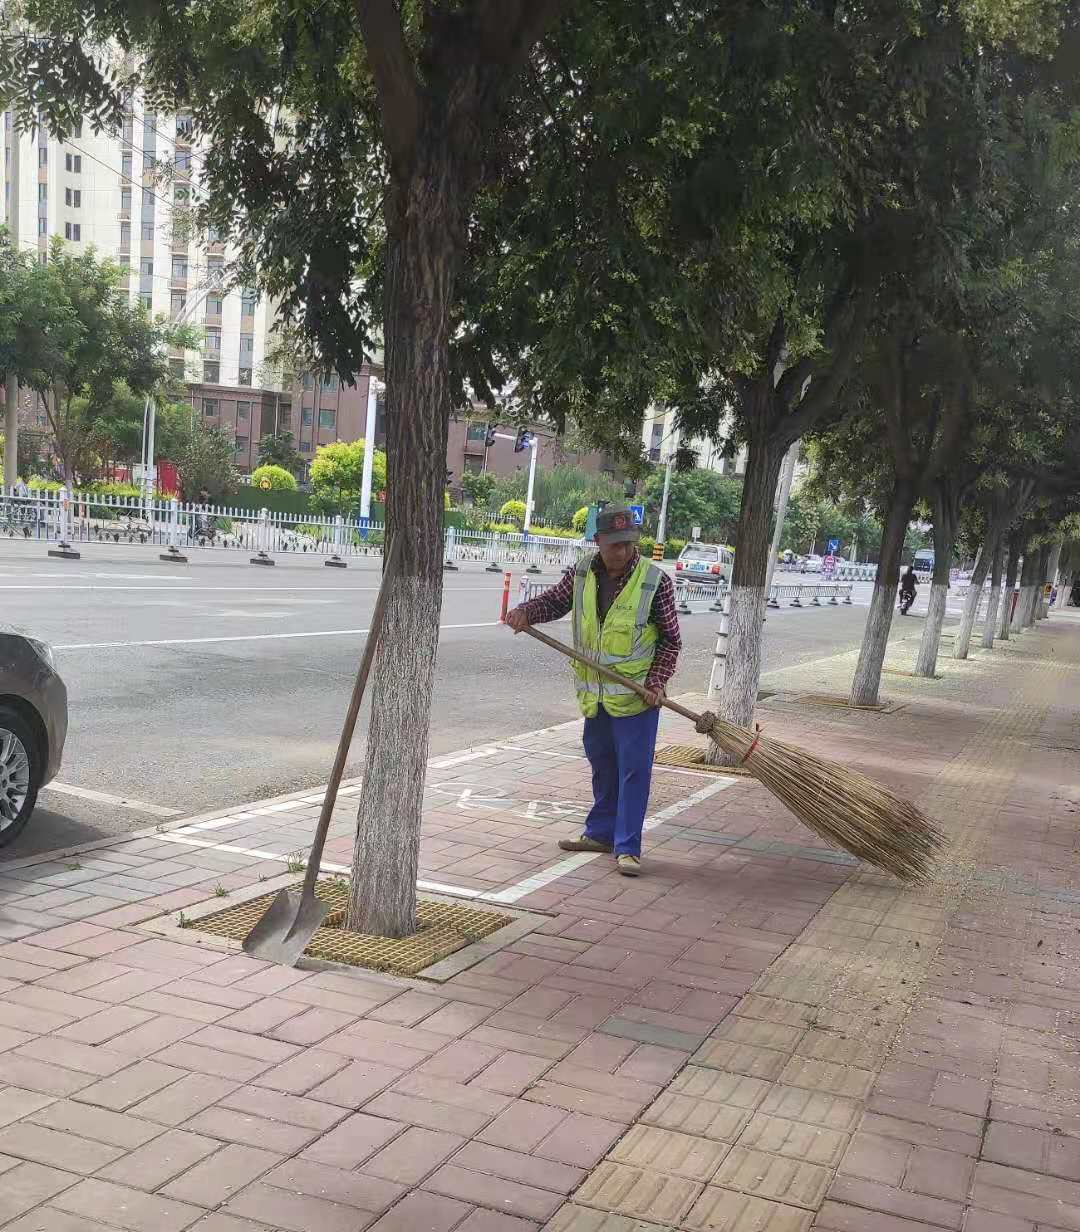 槐花朵朵落满地 环卫工人忙清理